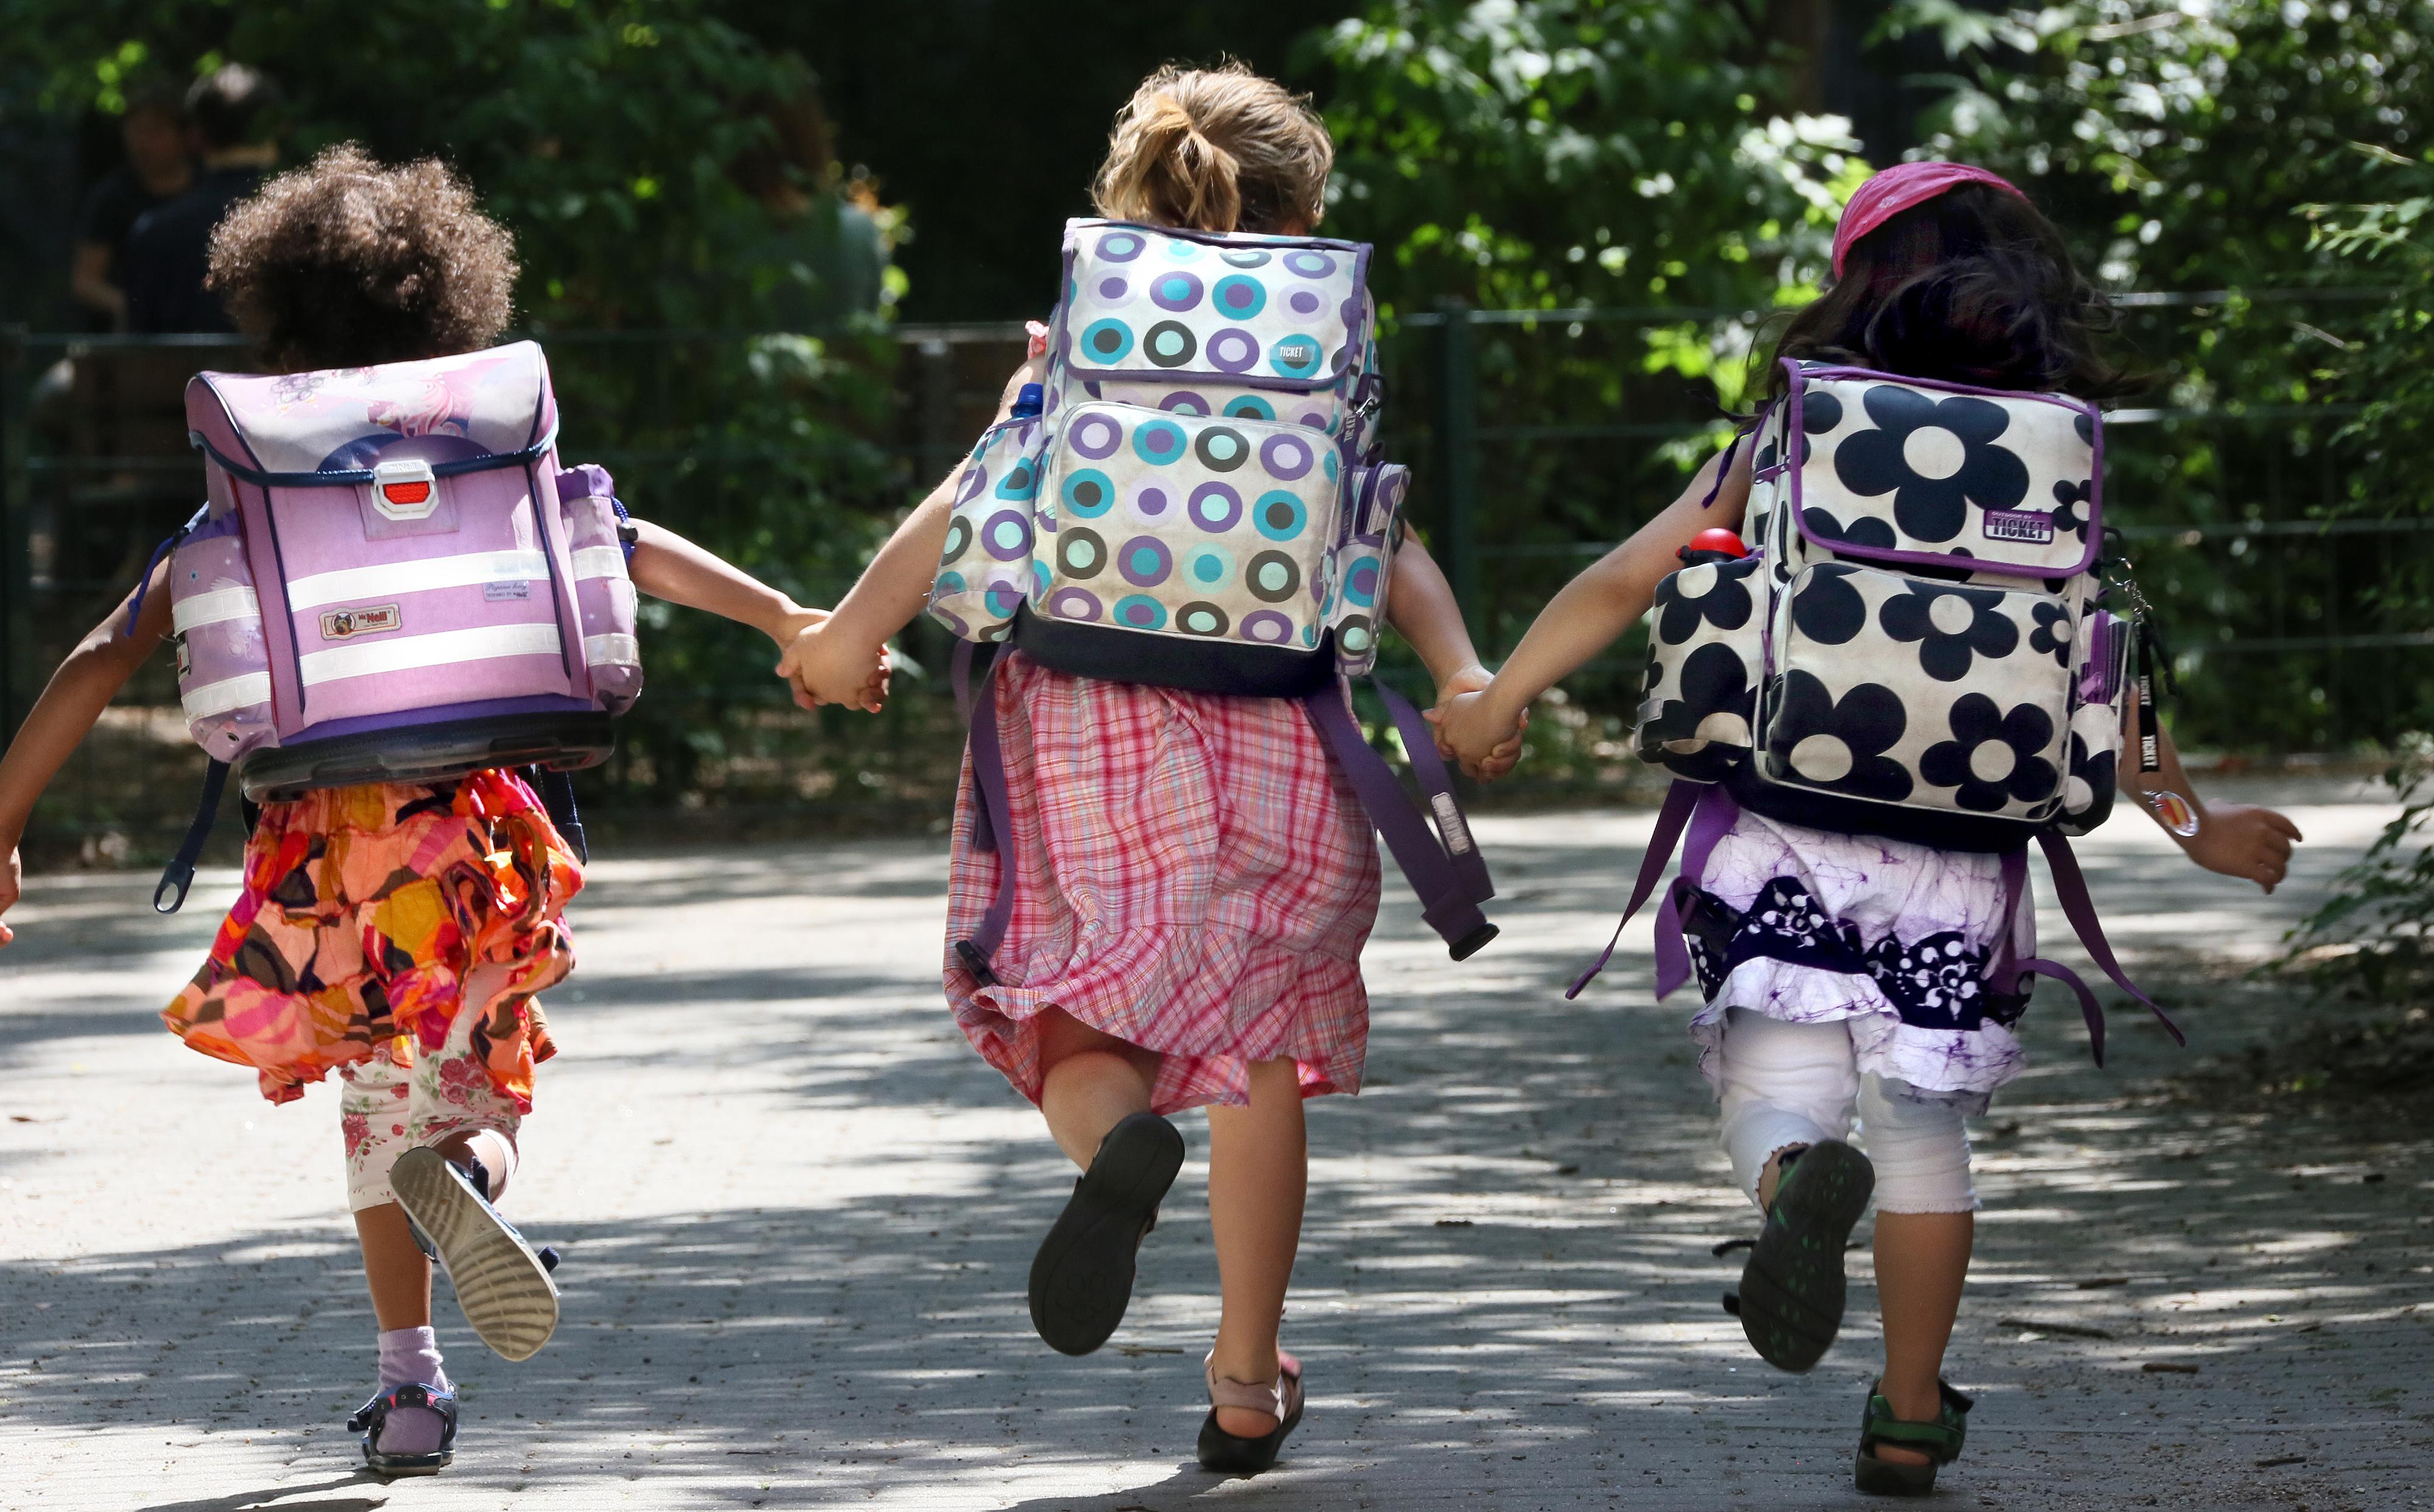 Am 16. Juli beginnen die Sommerferien in Niedersachsen. Im Vorfeld soll in der Gemeinde Visbek der tatsächliche Betreuungsbedarf bei den Eltern abgefragt werden. Foto: dpa/Pilick